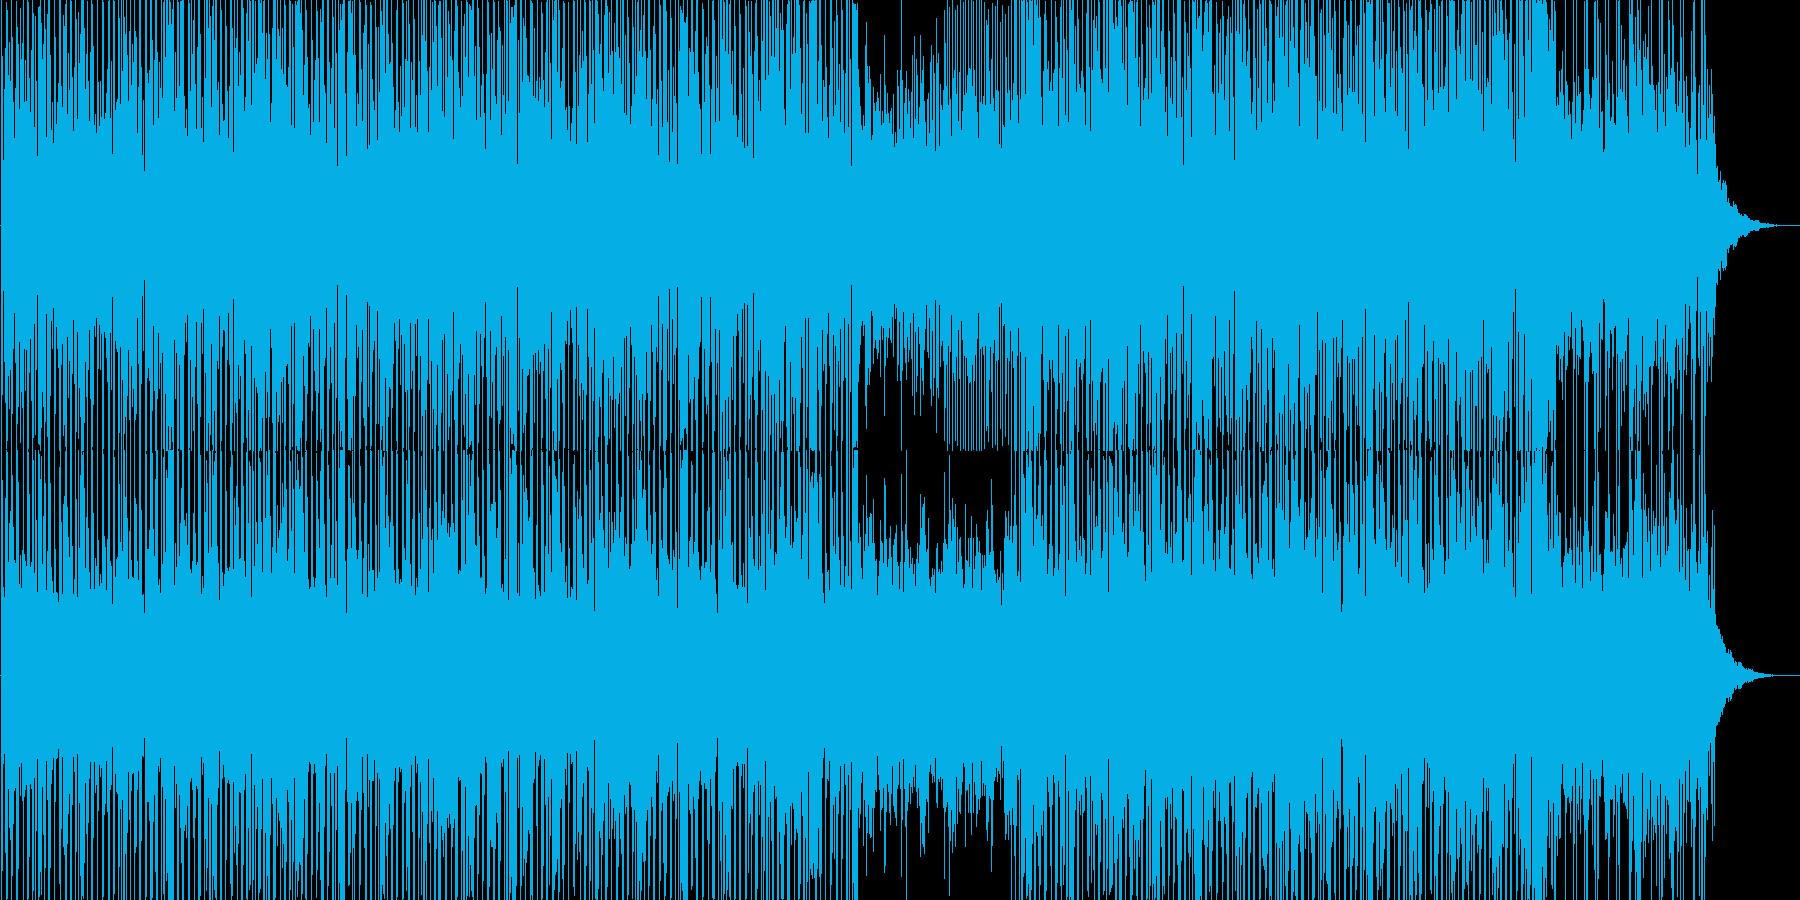 綺麗で神秘的なゆったりしたBGMの再生済みの波形